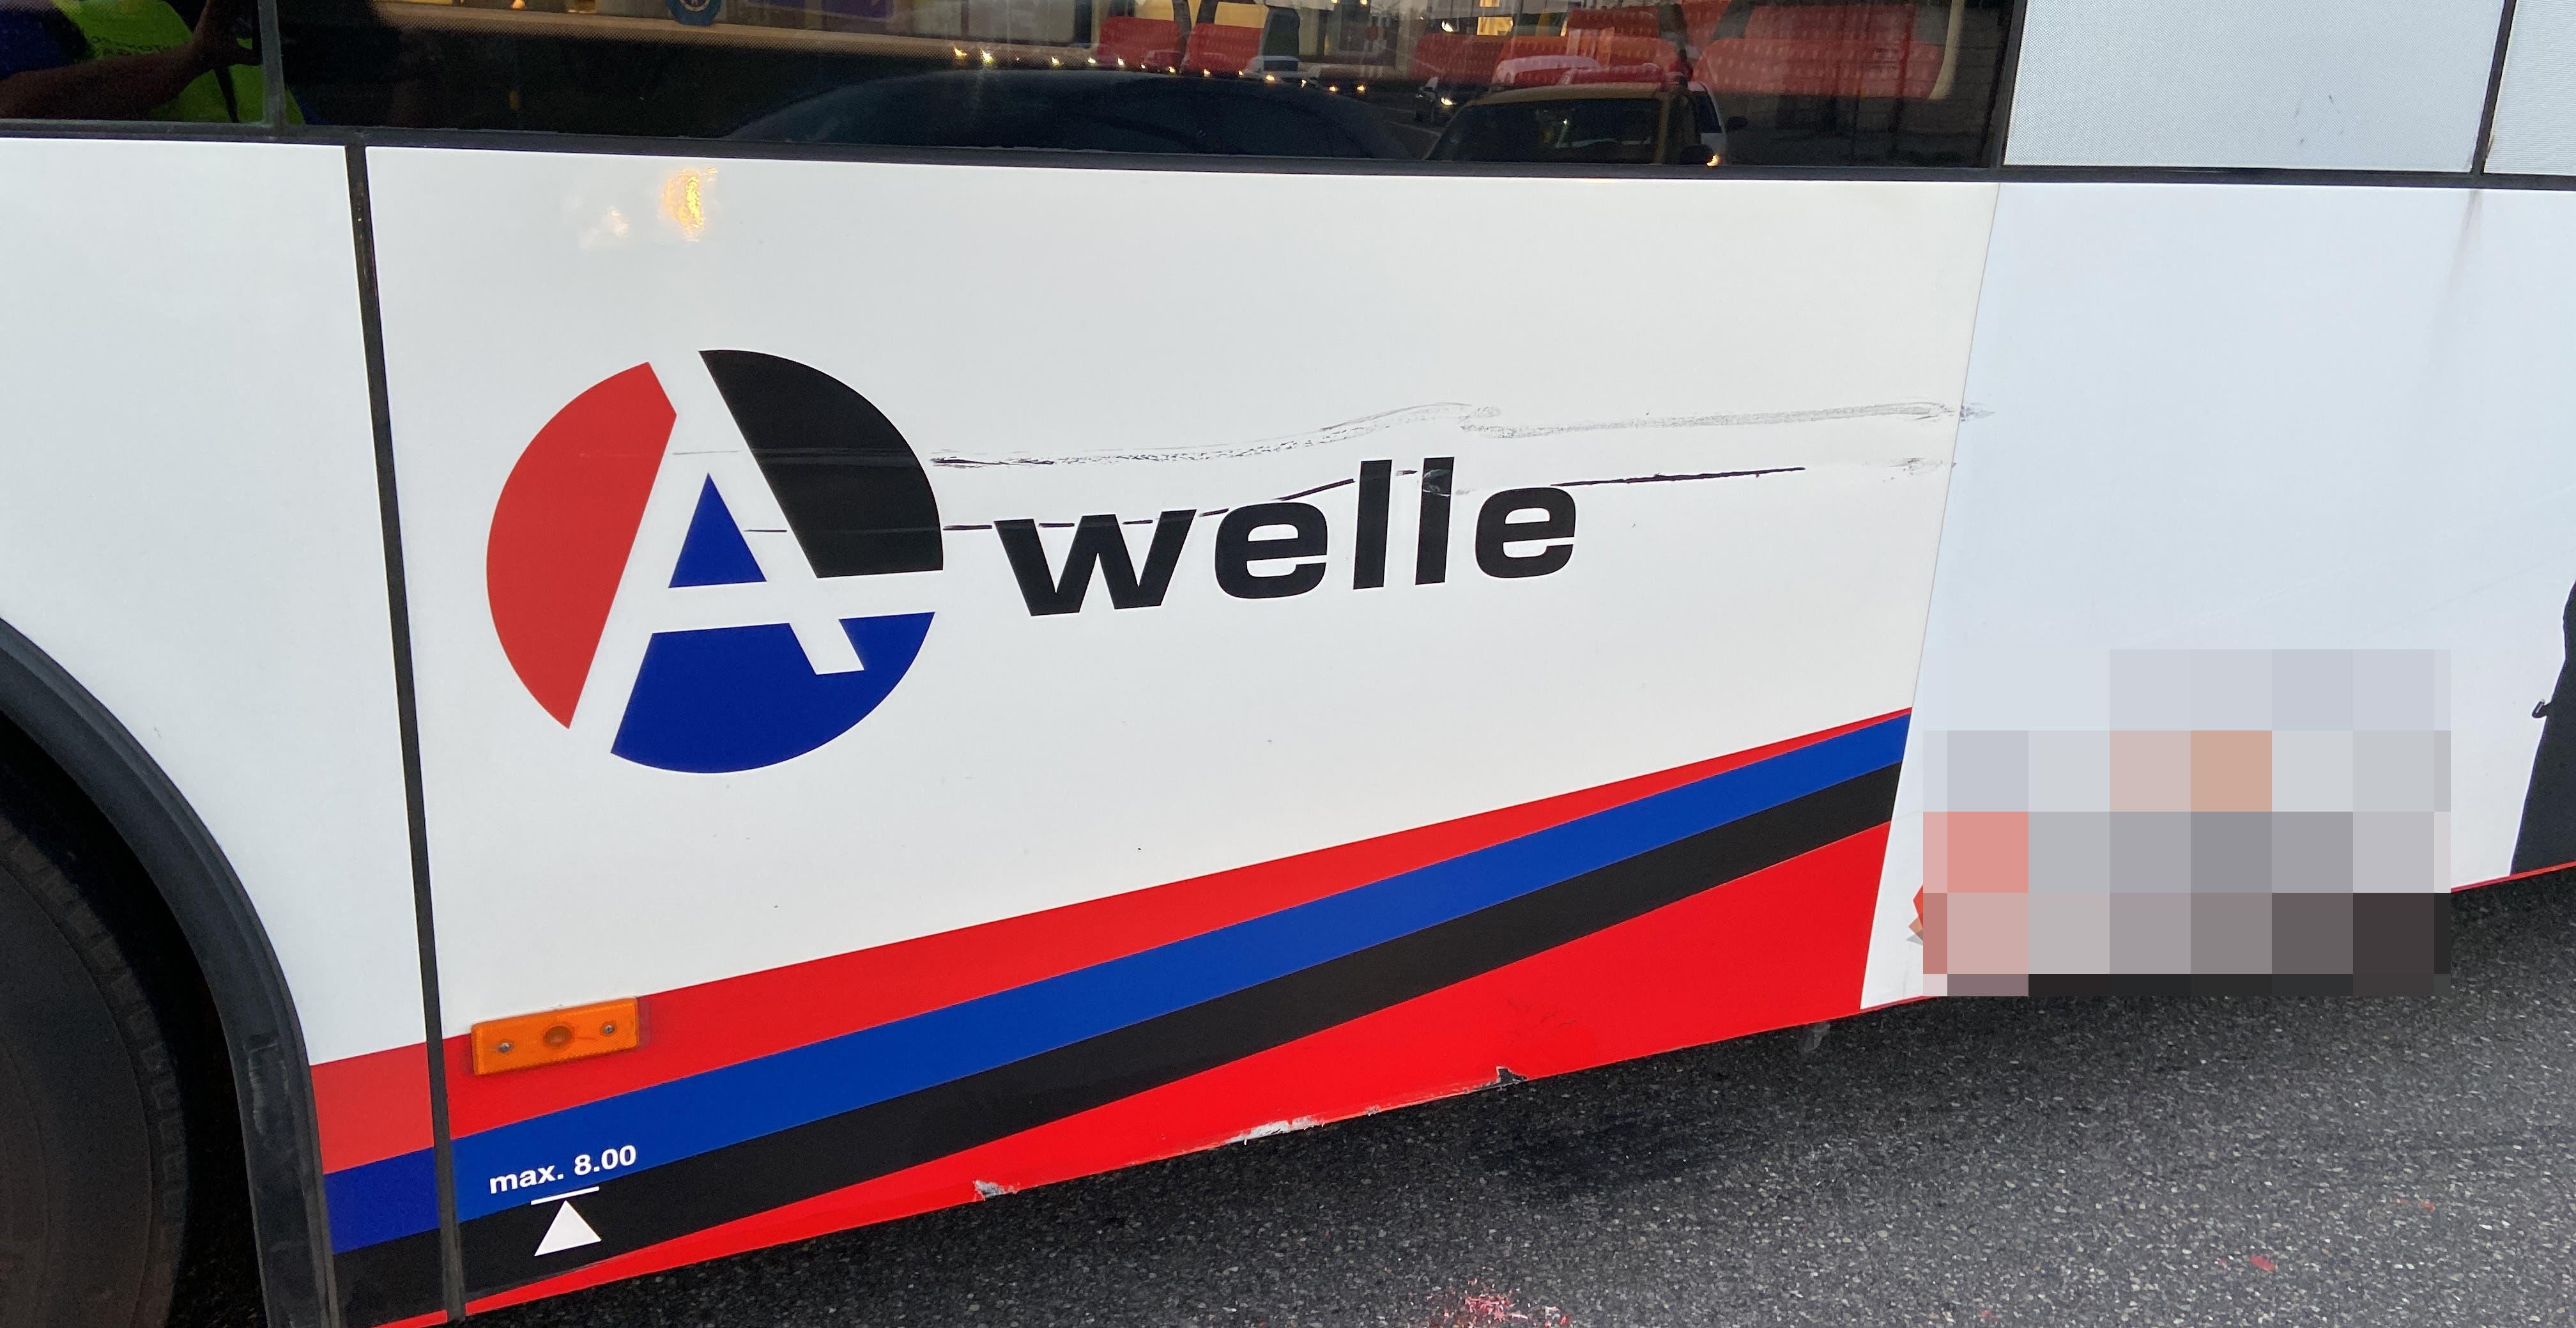 Baden (AG), 30. März: Ein 44-jähriger Autolenker kollidiert beim Abbiegen mit einem Linienbus, weil er das falsche Lichtsignal beachtet hat. Der Bus muss Vollbremsung einleiten, wobei zwei Fahrgäste leicht verletzt wurden.